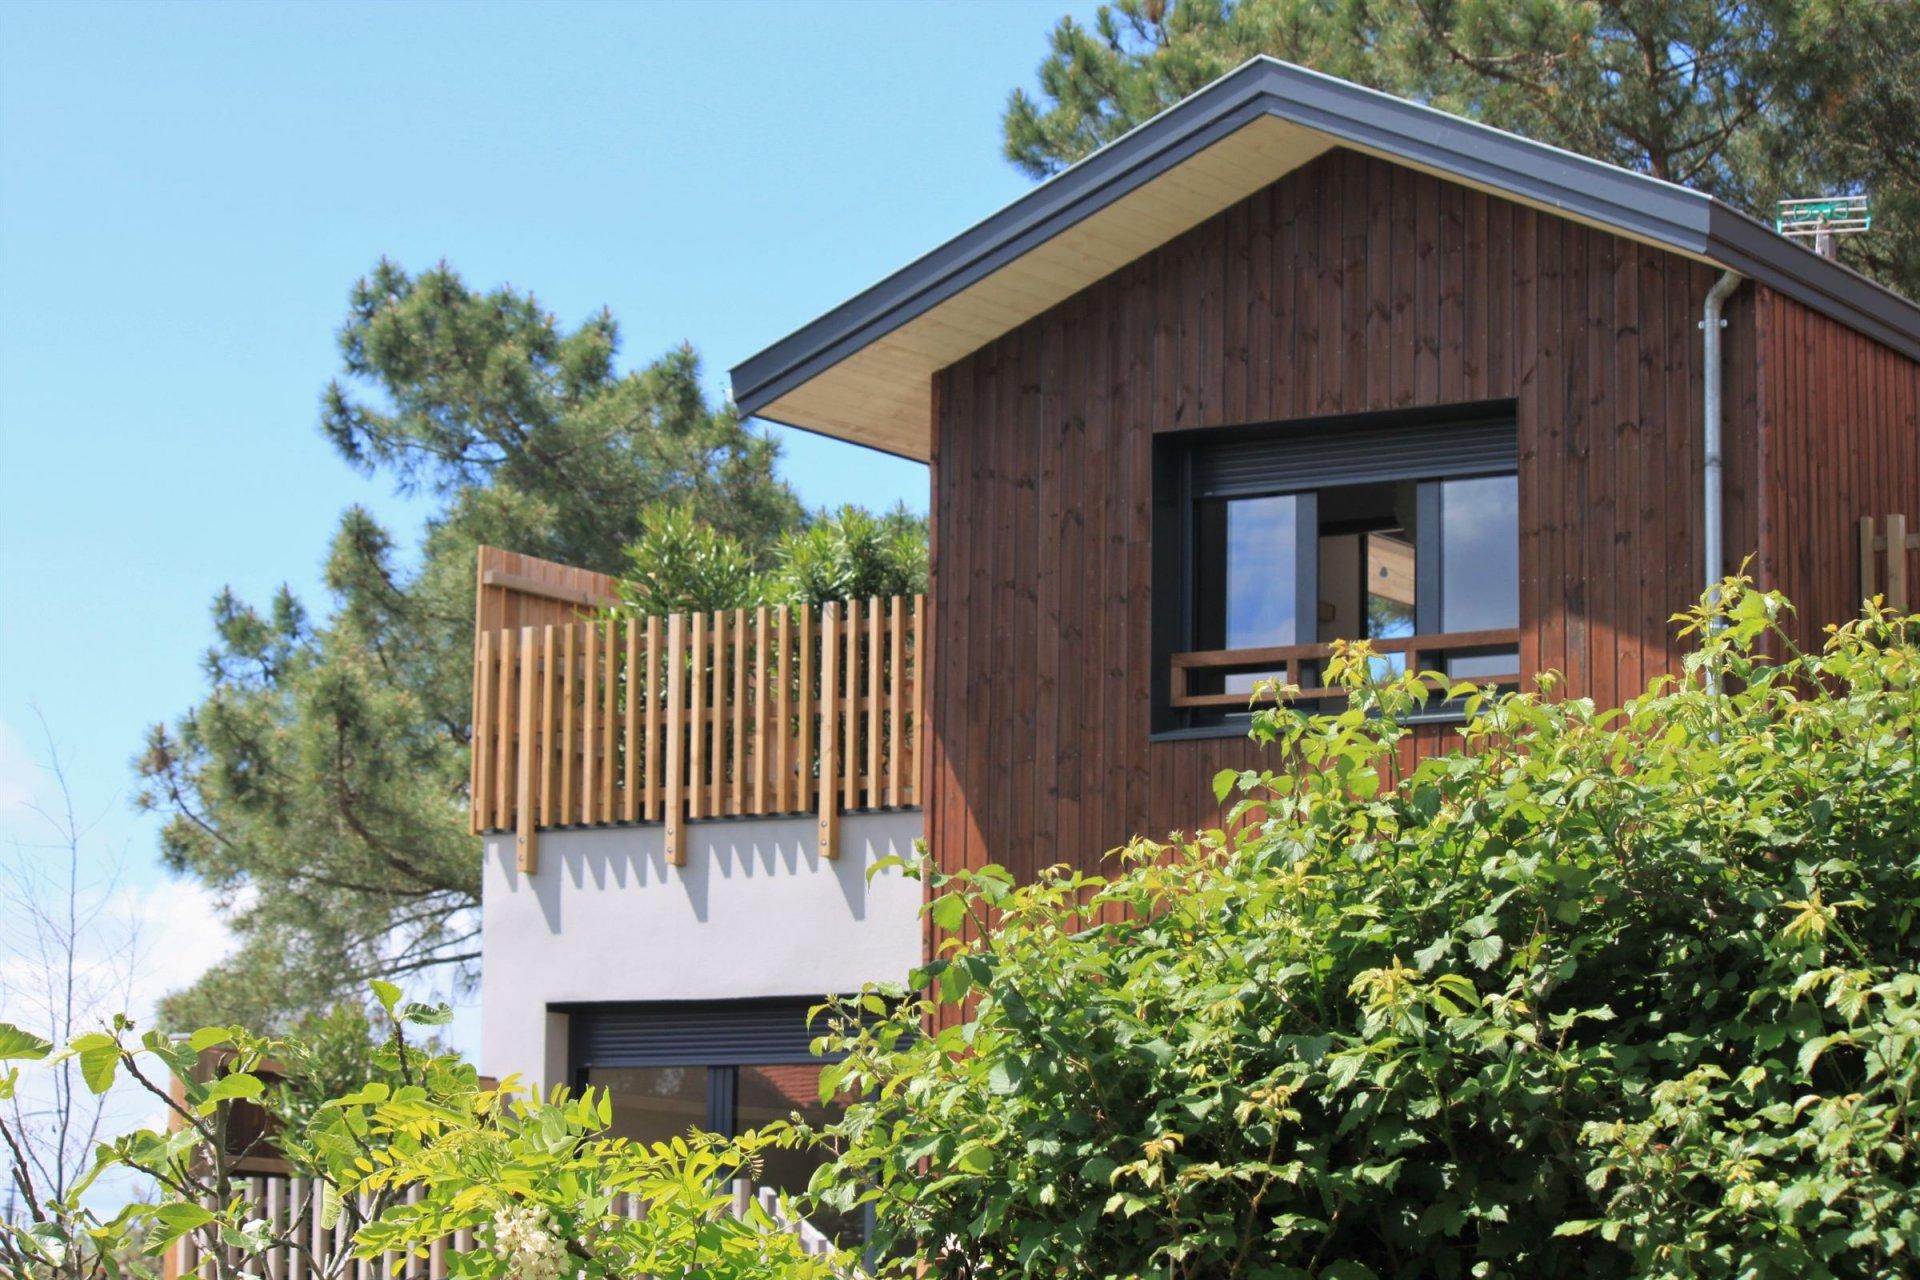 achat maison architecte en ossature bois avec 3 chambres Bassin Arcachon